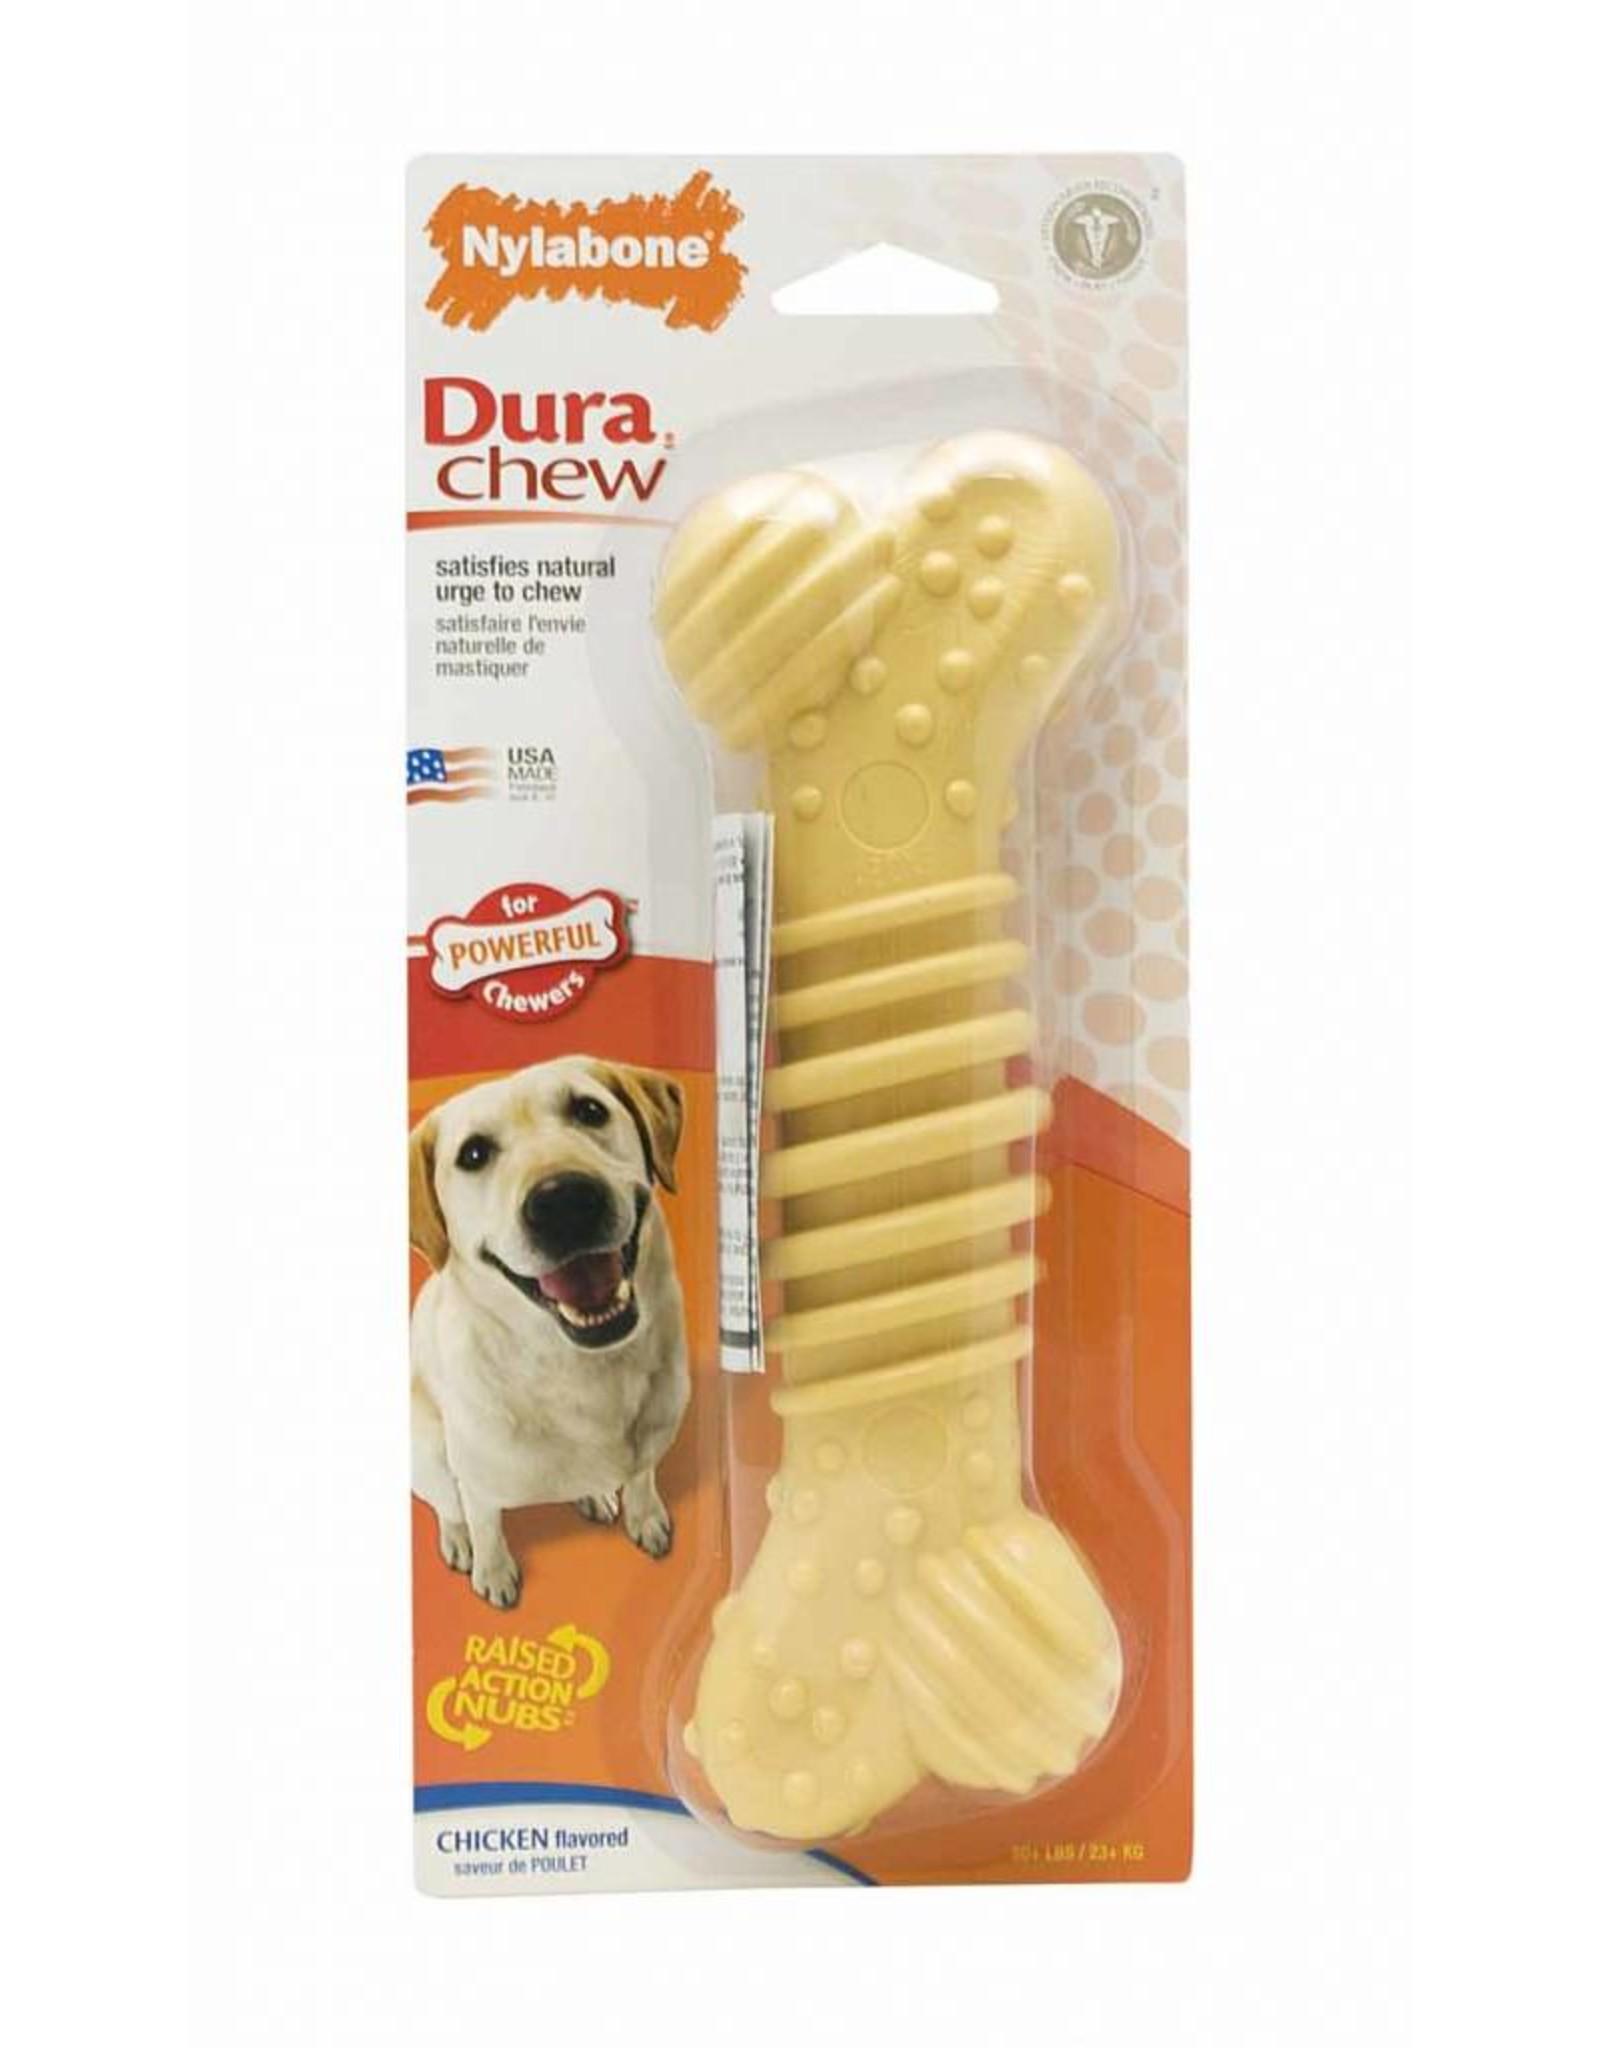 Nylabone Dura Chew Textured Chicken Dog Toy, X Large